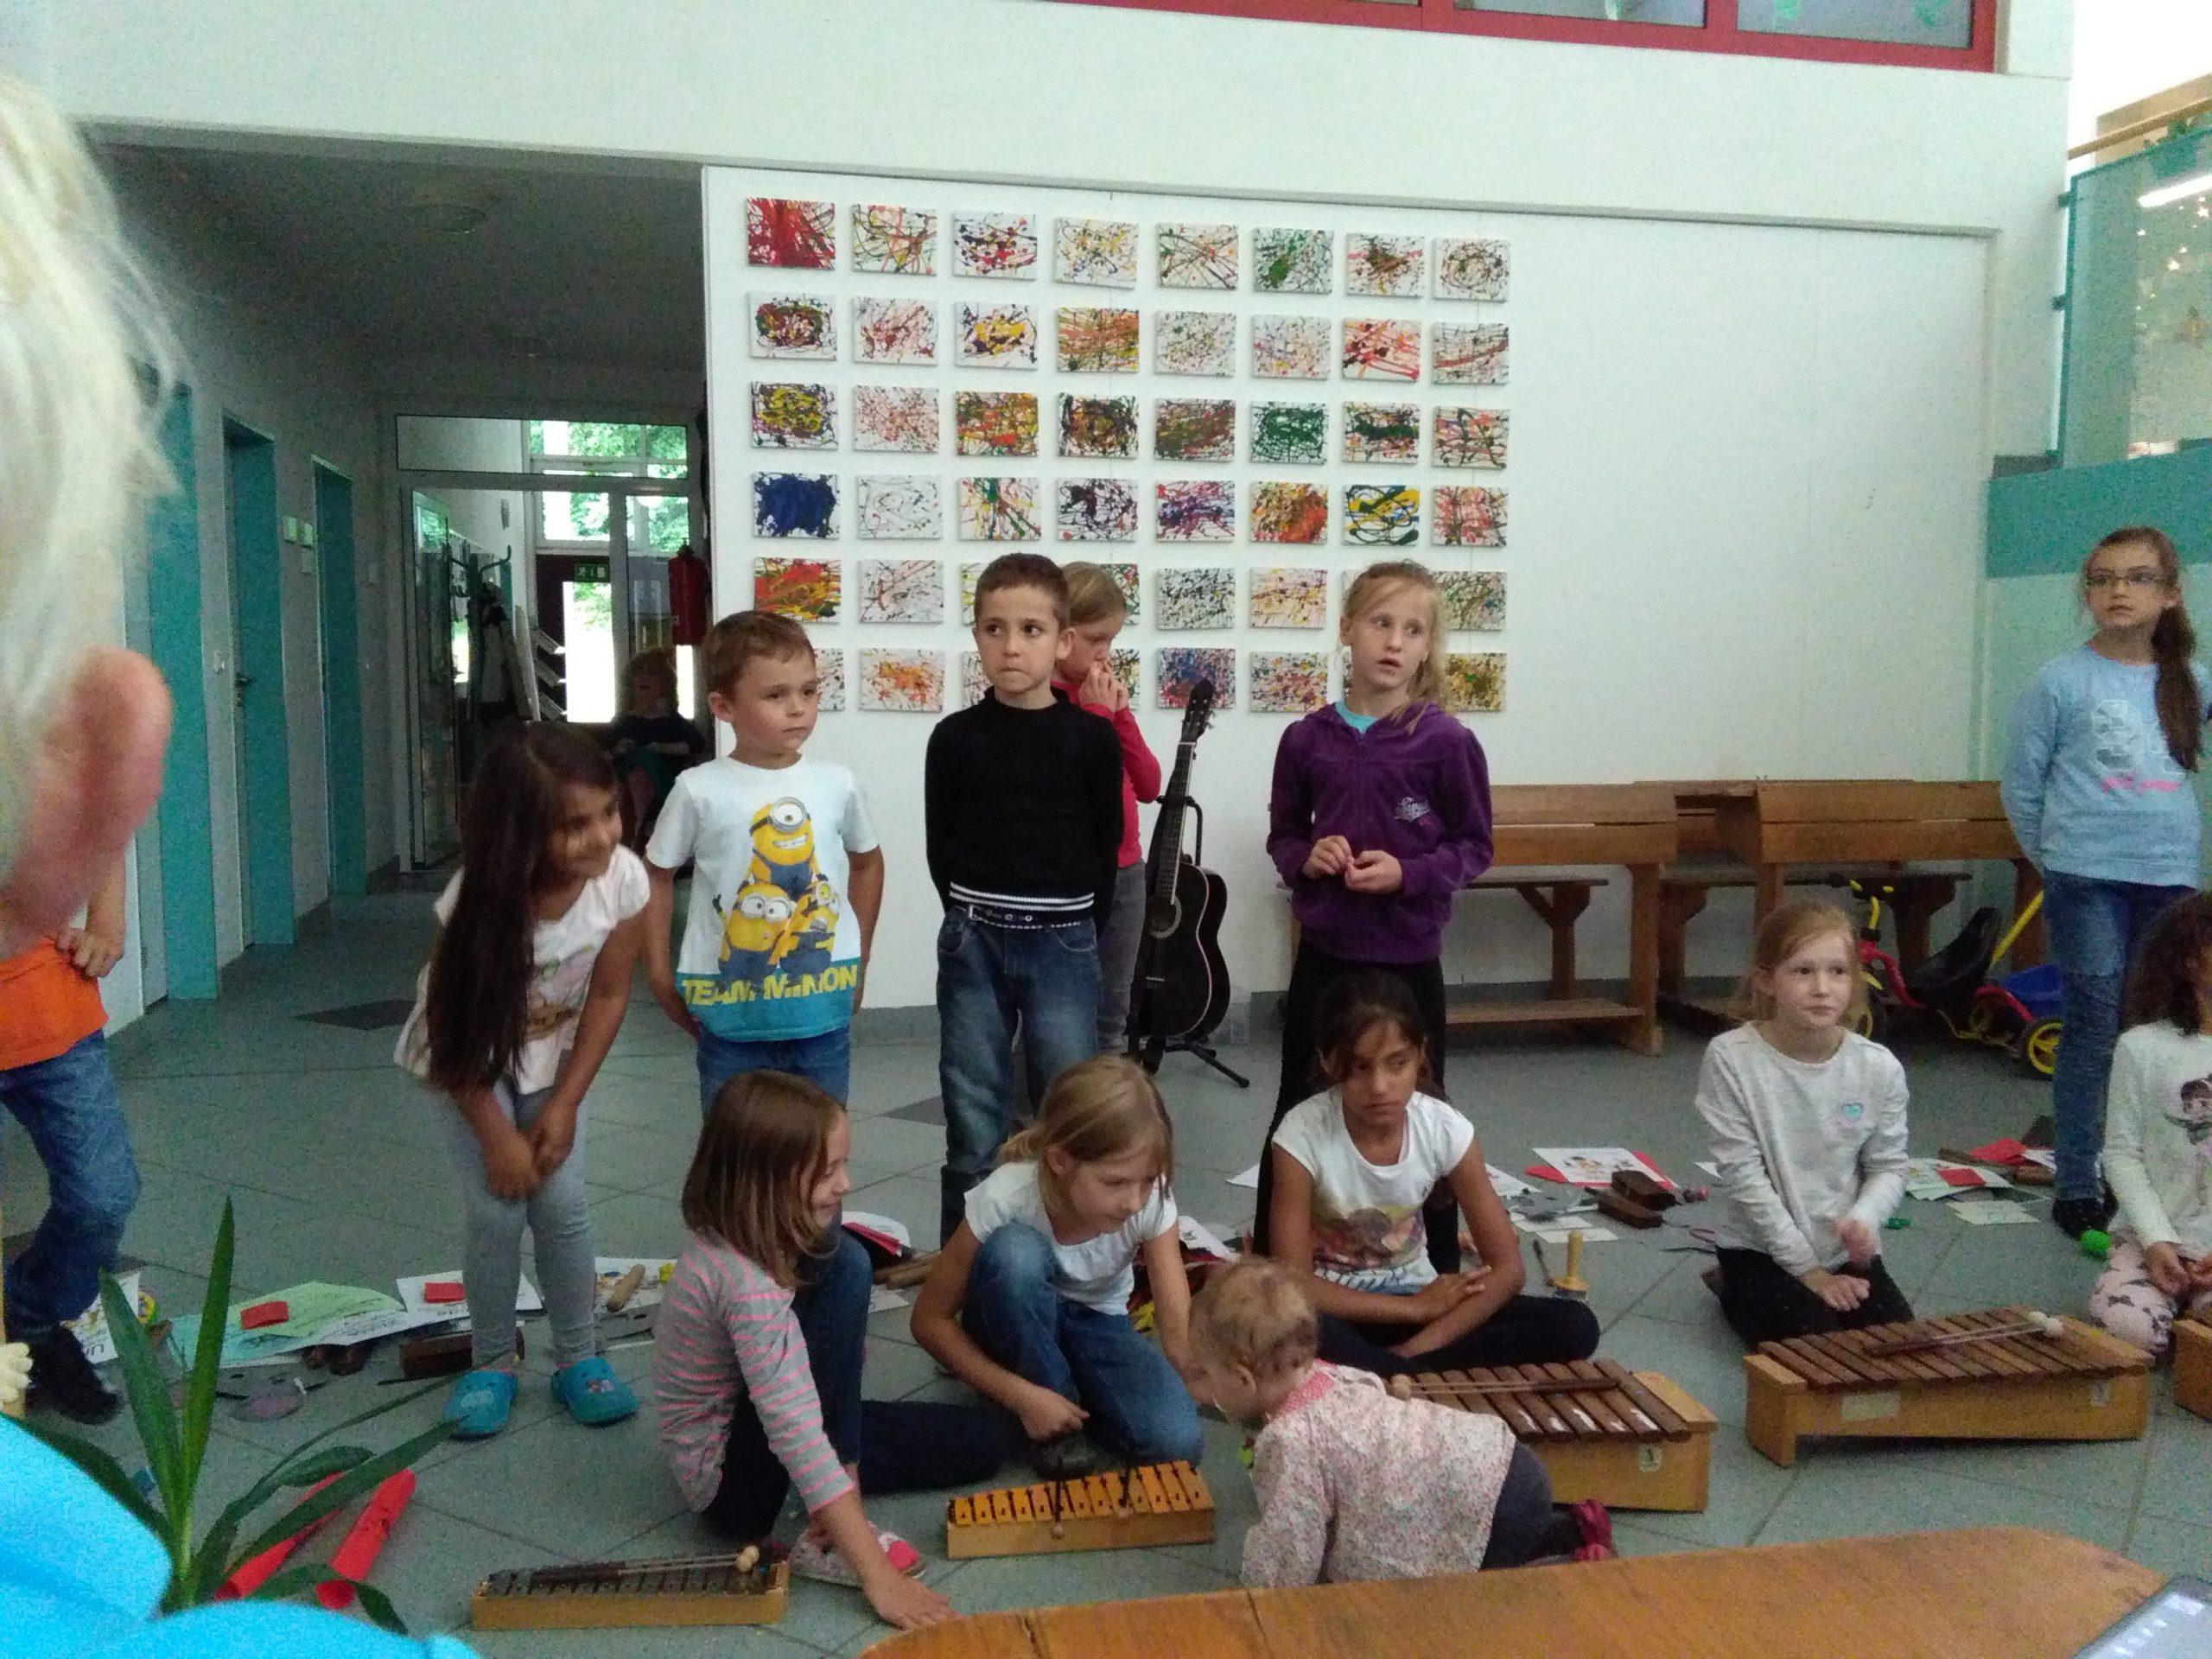 Abschlußfeier Der Klasse 1A Der Grundschule Mittelstetten für Abschlussfeier Grundschule